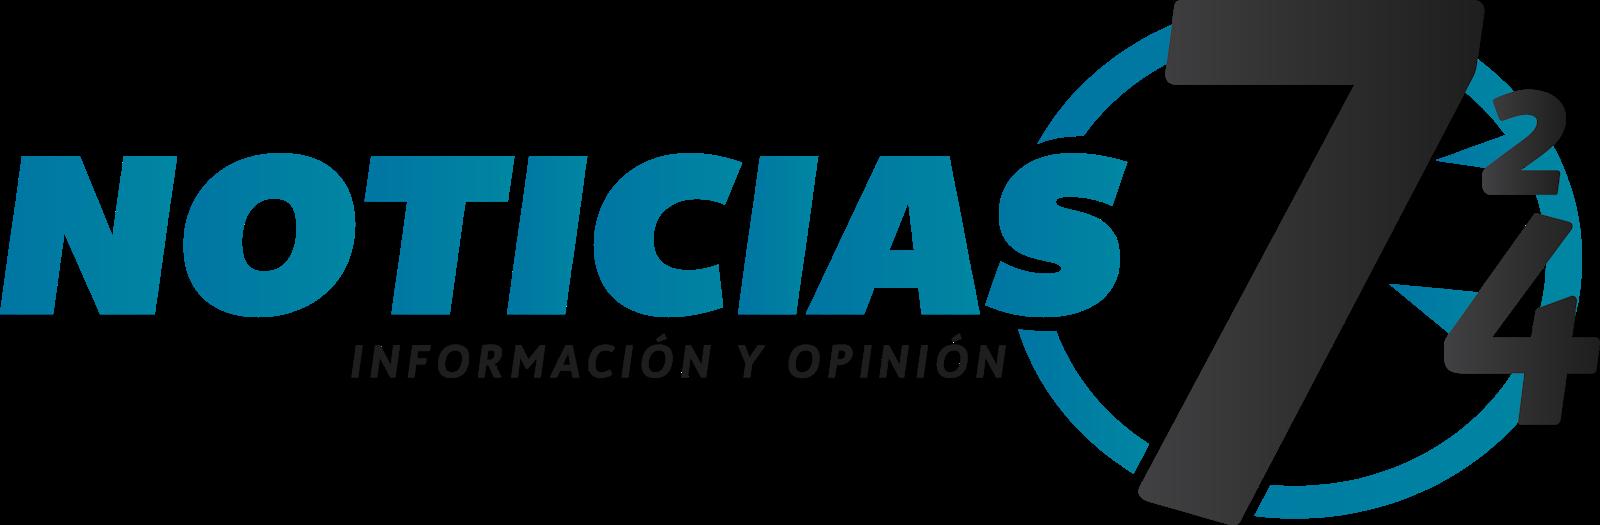 Noticias de hoy | Noticias724